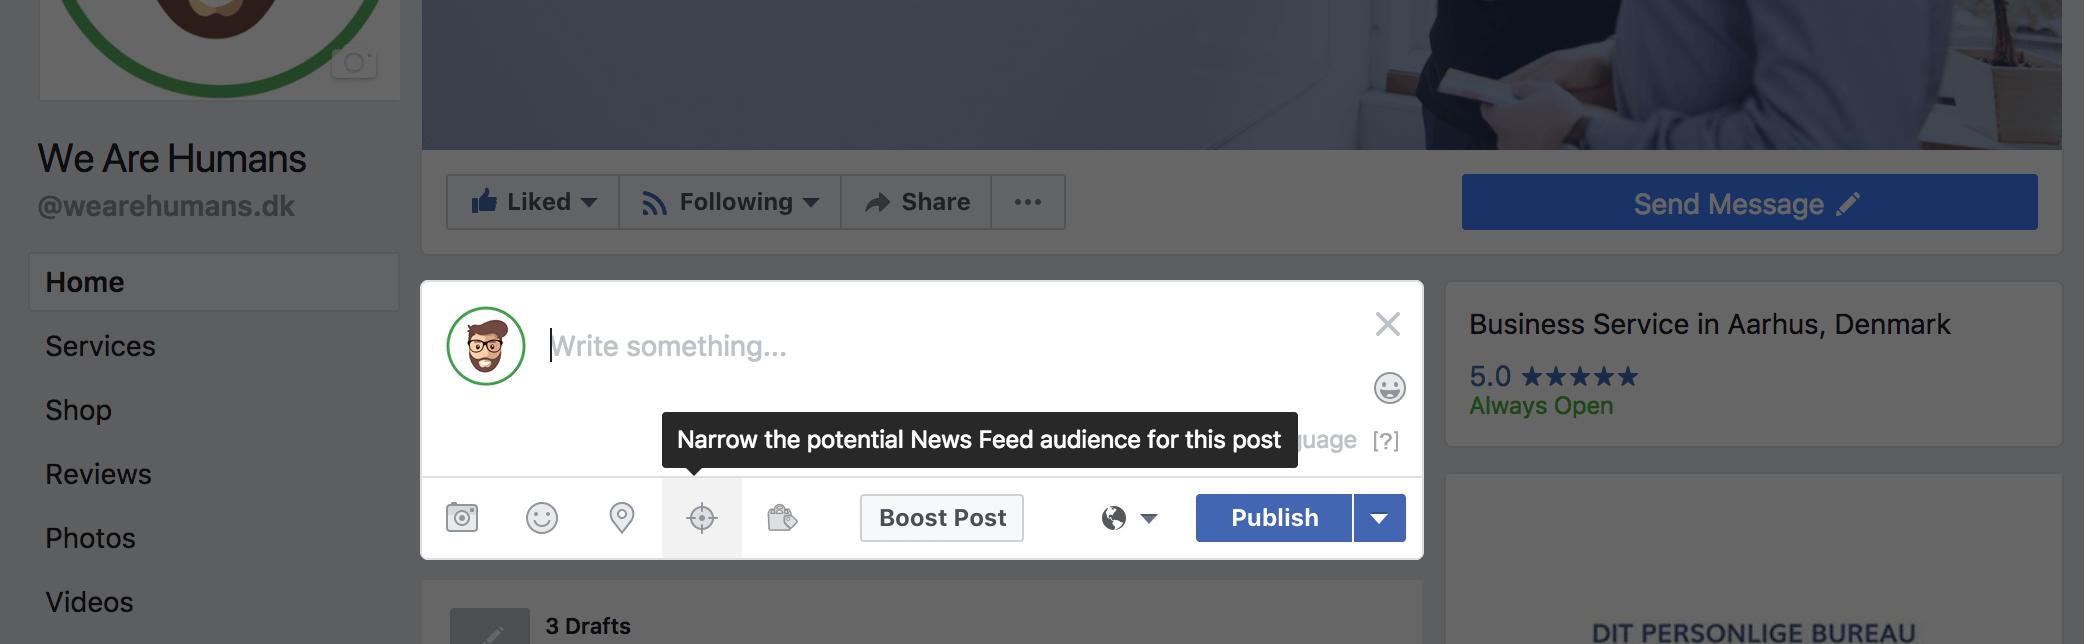 Opslag på Facebook og målretning af opslag